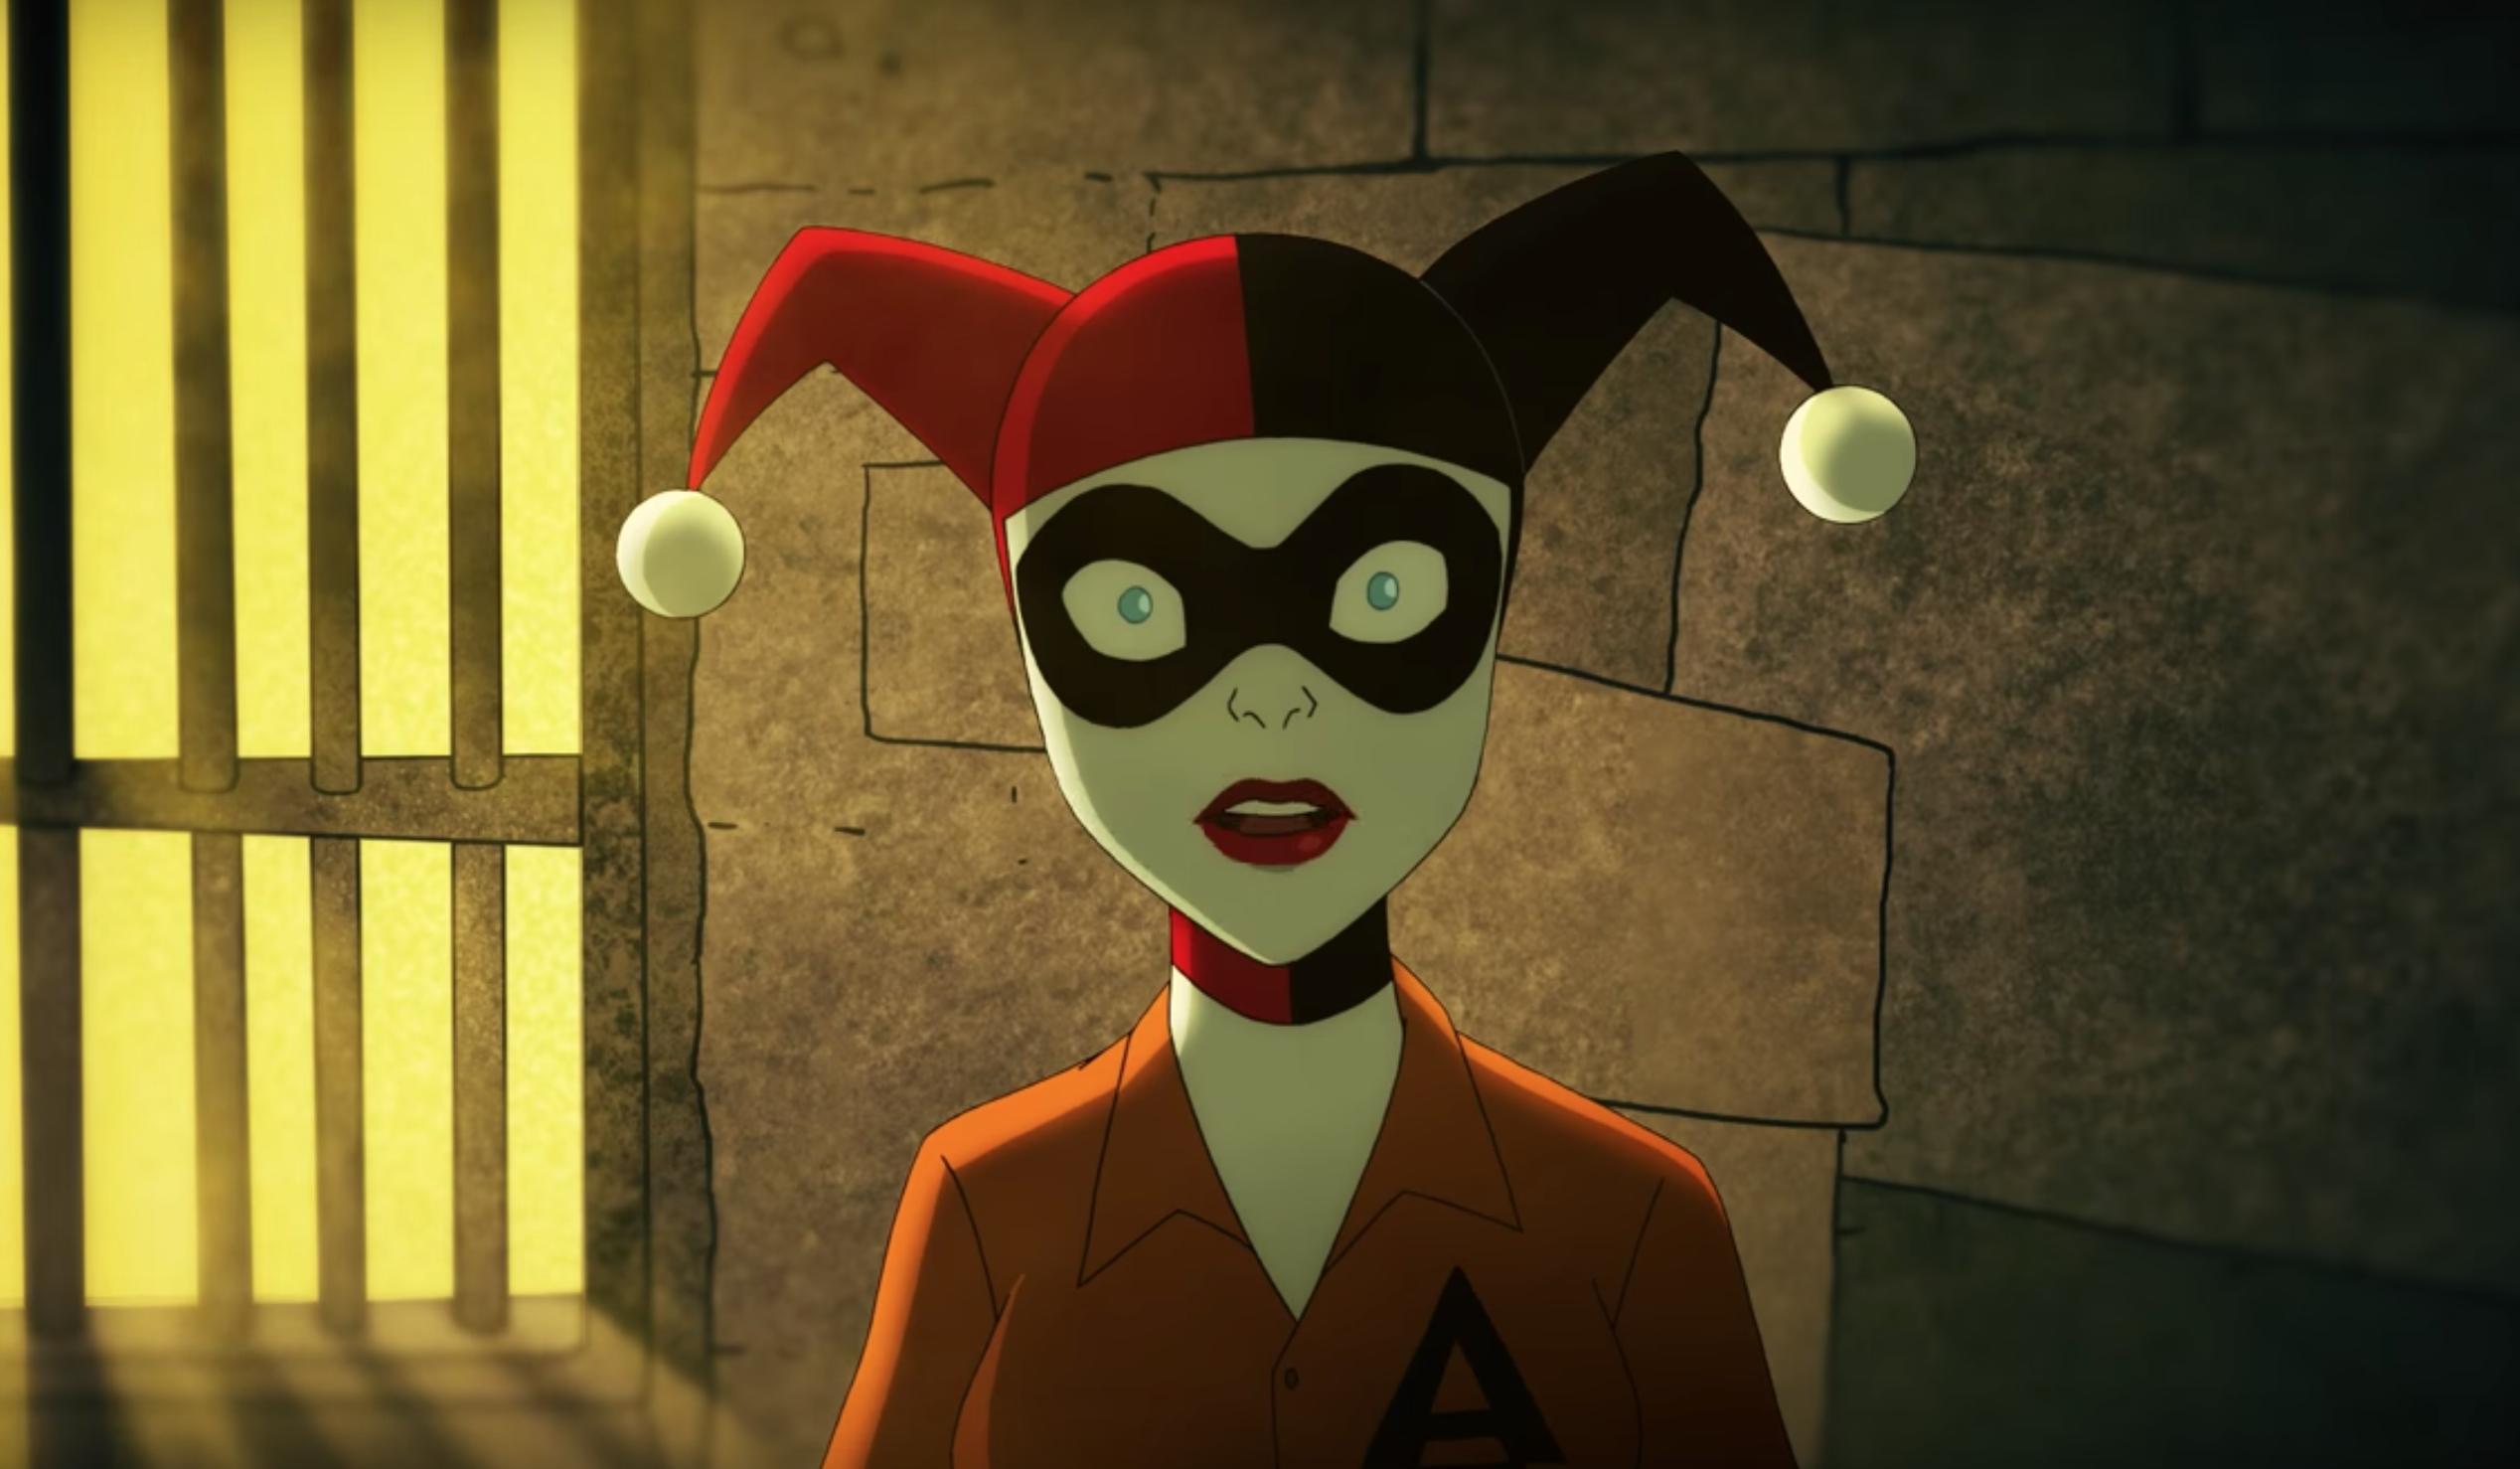 Big Bang Theory star Kaley Cuoco's Harley Quinn series gets air date